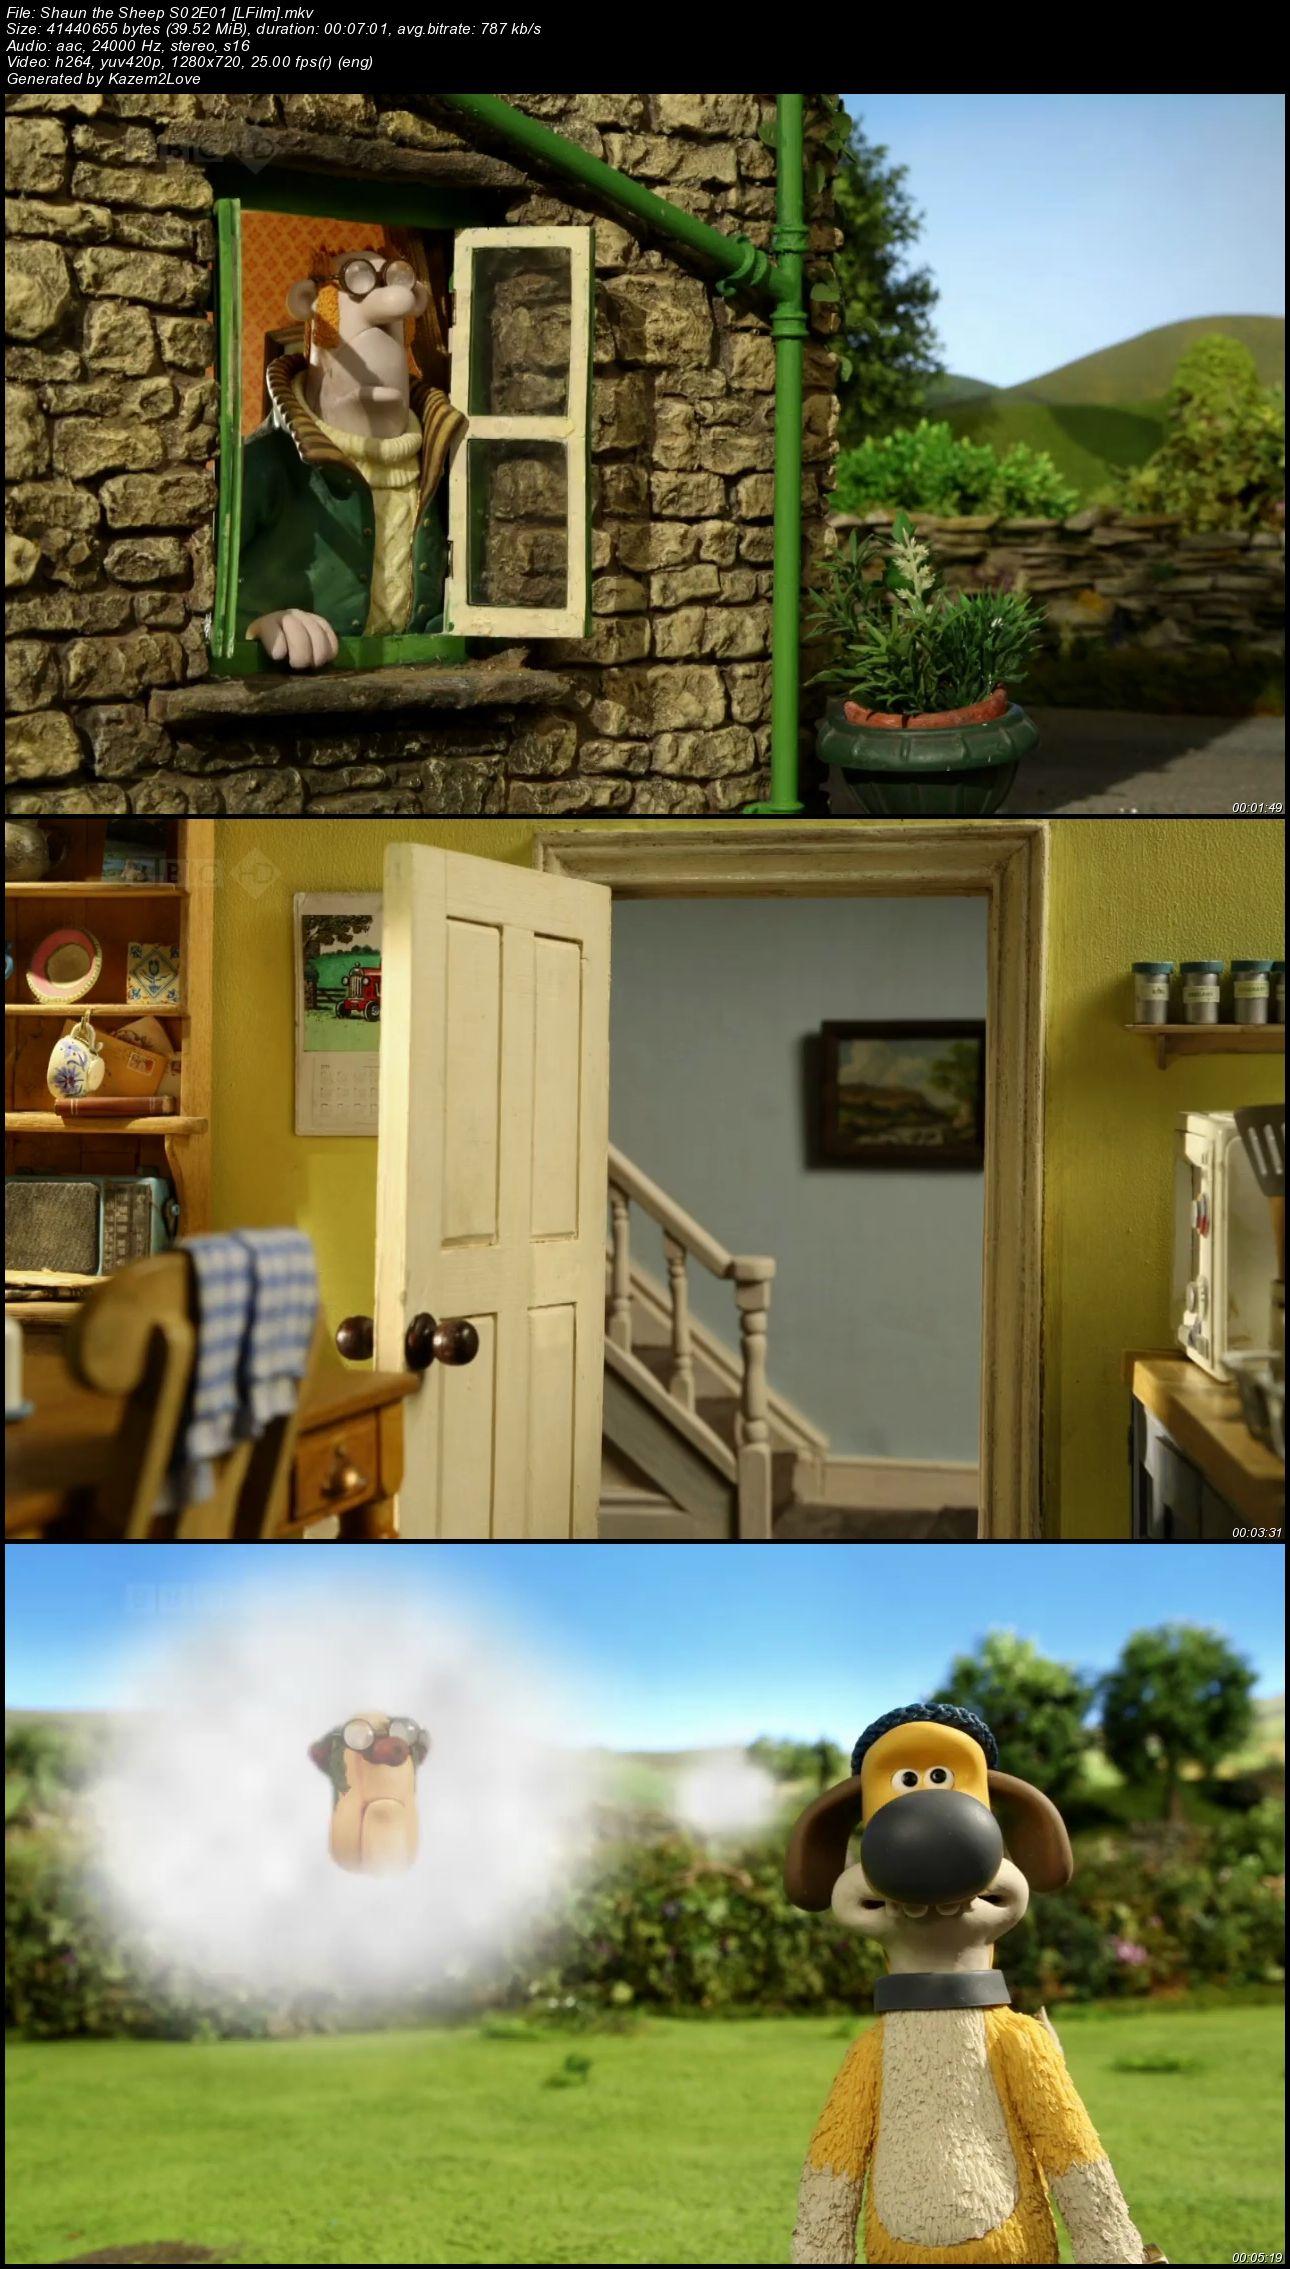 عیدی امسال یارانه ها دانلود انیمیشن بره ناقلا فصل دوم